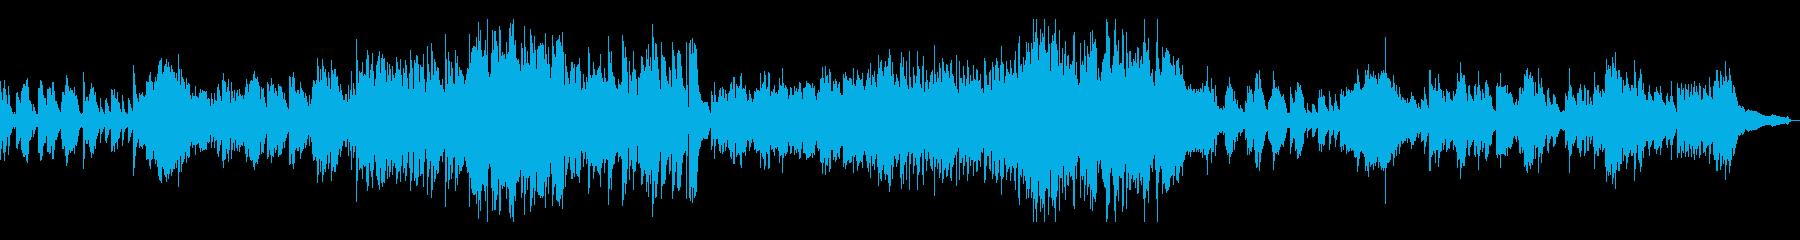 メロディアスな和風曲8-ピアノソロ の再生済みの波形